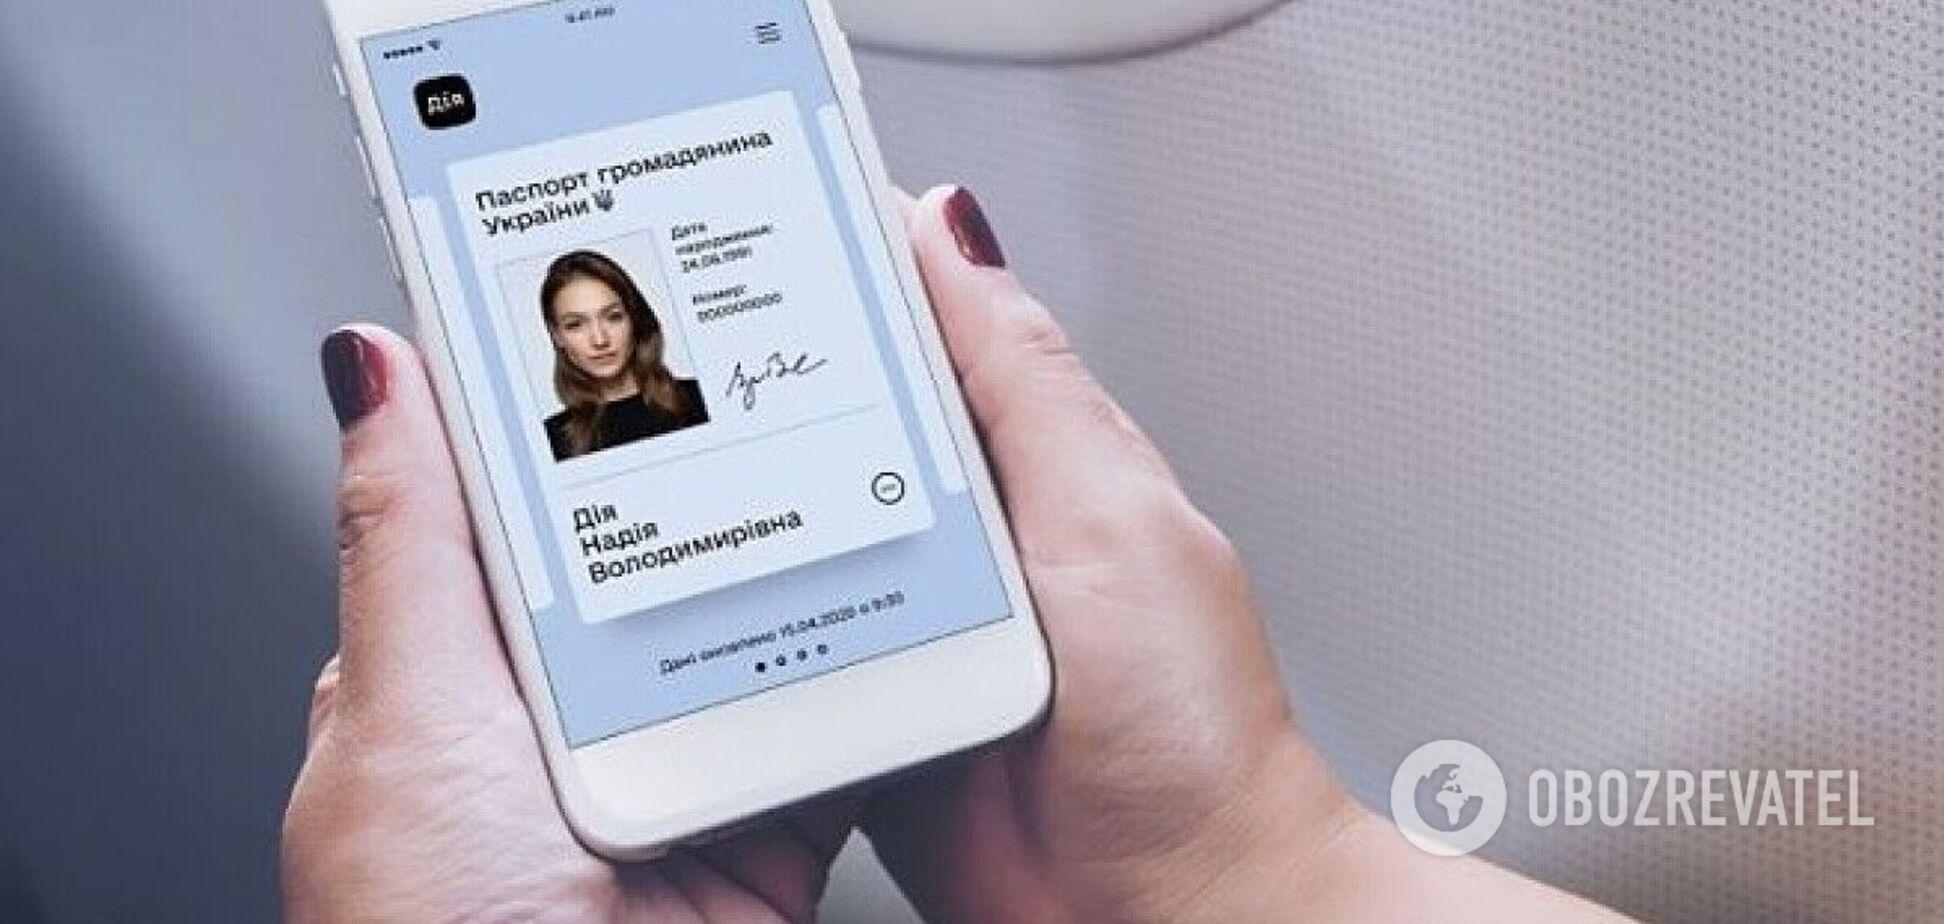 В Украине начал действовать закон о цифровых паспортах: что изменится